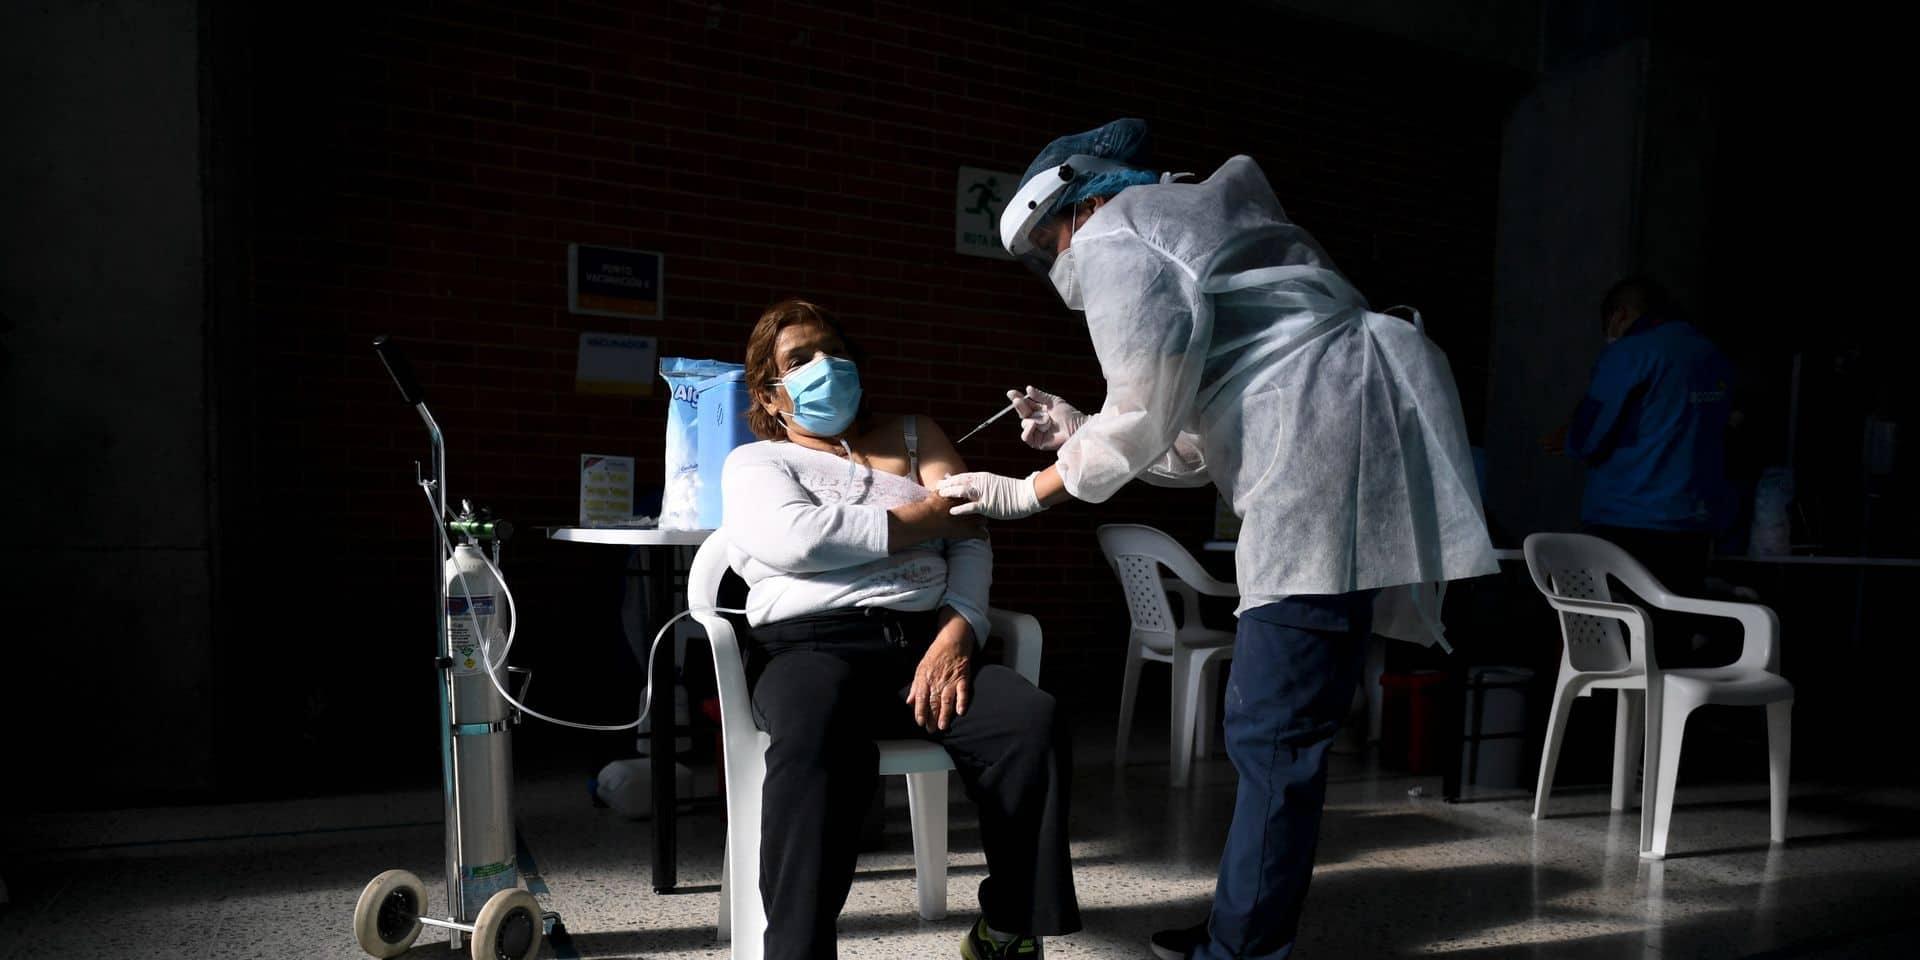 Vaccins : voici les vraies raisons du retard des Wallons et Bruxellois sur les Flamands